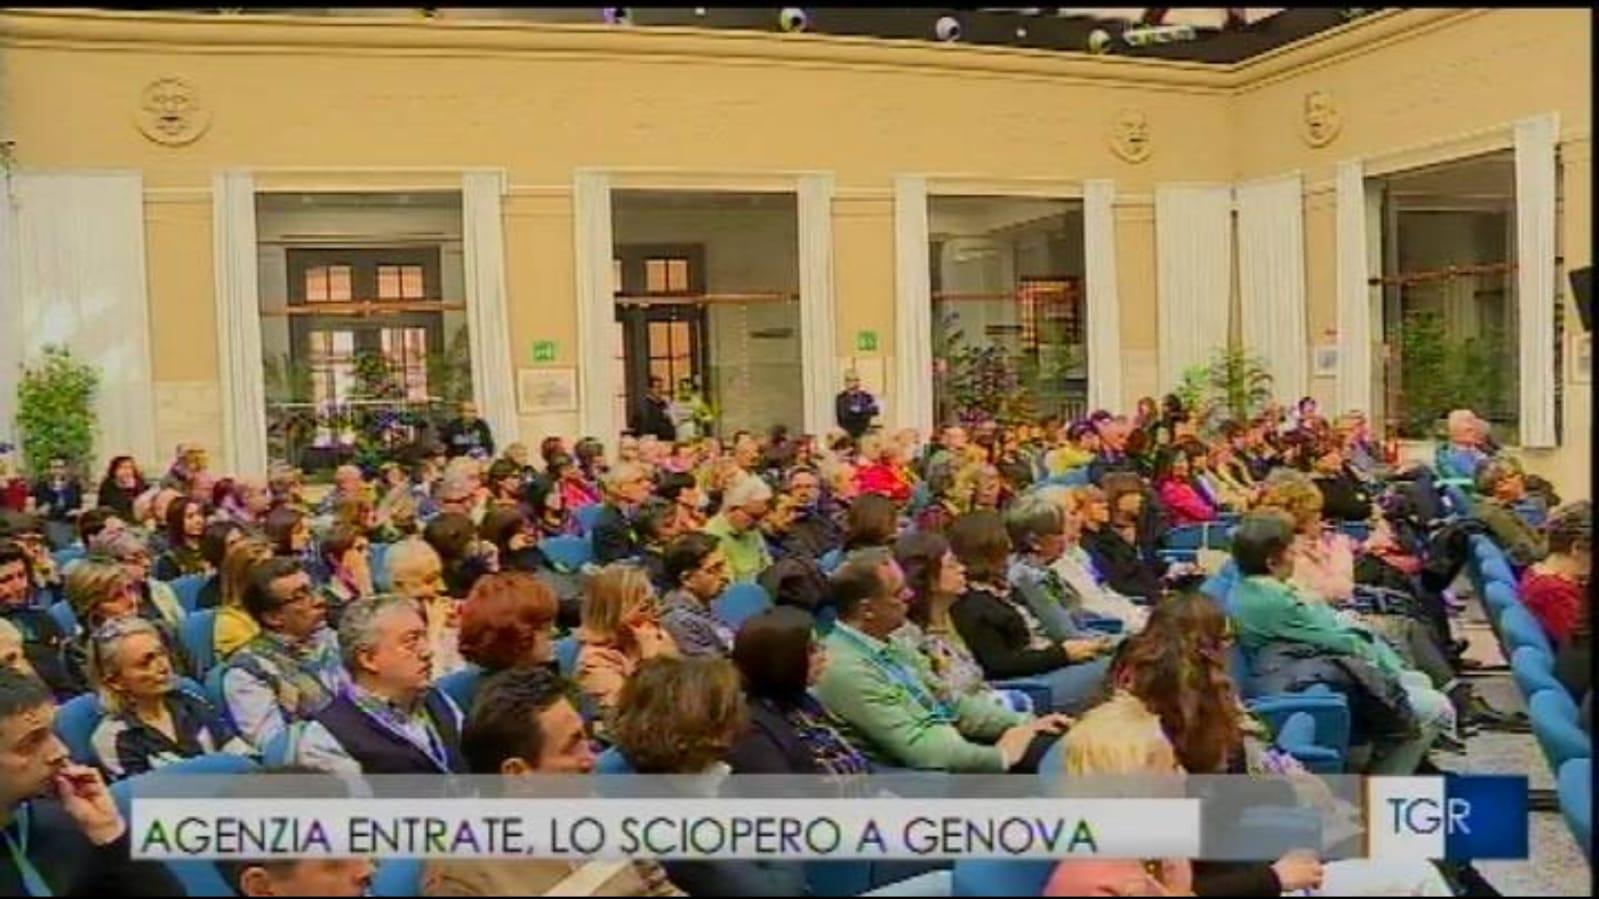 VIDEO, A Genova partono le mobilitazioni territoriali in attesa dello sciopero nazionale del 2 aprile